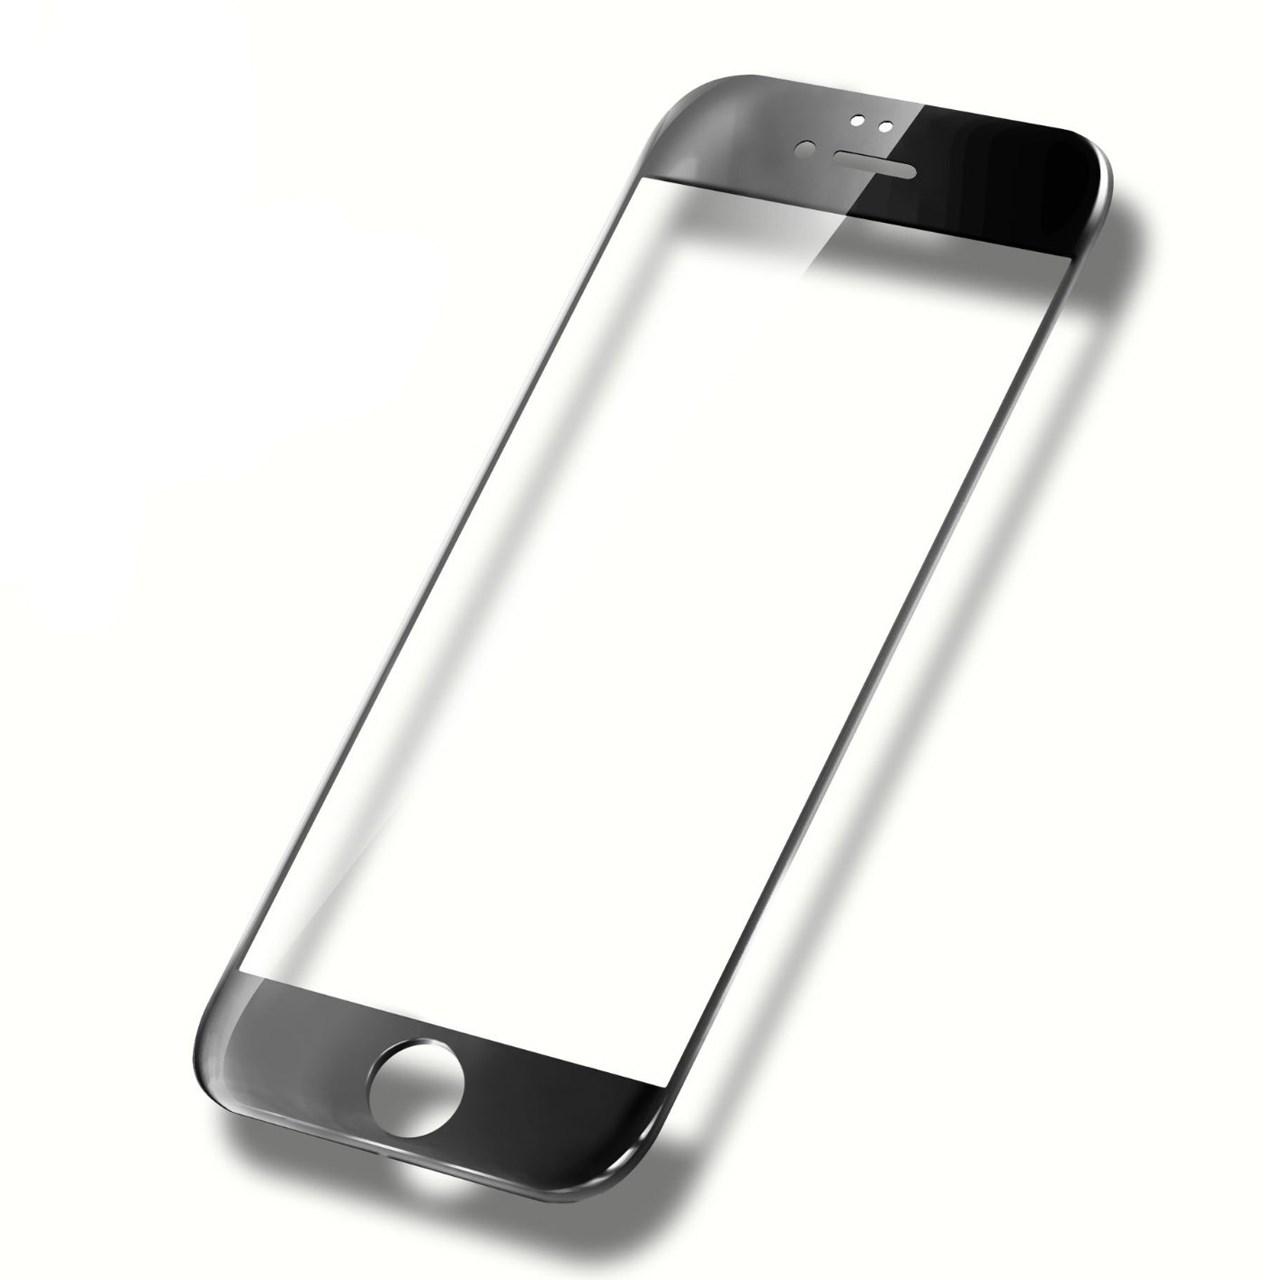 محافظ صفحه نمایش شیشه ای گرفیین مدل 3D Corning Gorilla Glass مناسب برای گوشی موبایل آیفون 6/6S پلاس